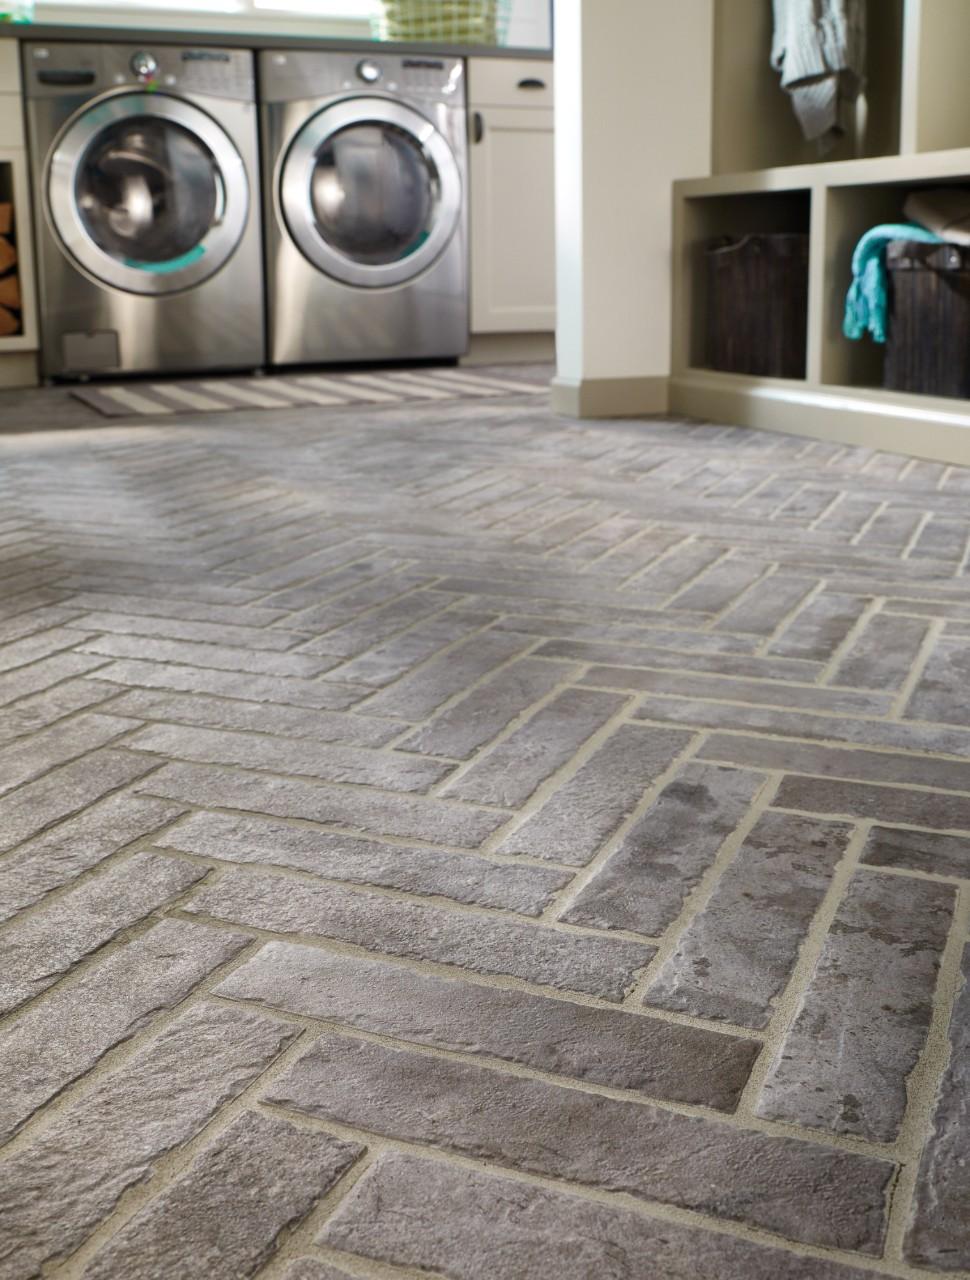 brick look floor in laundry room